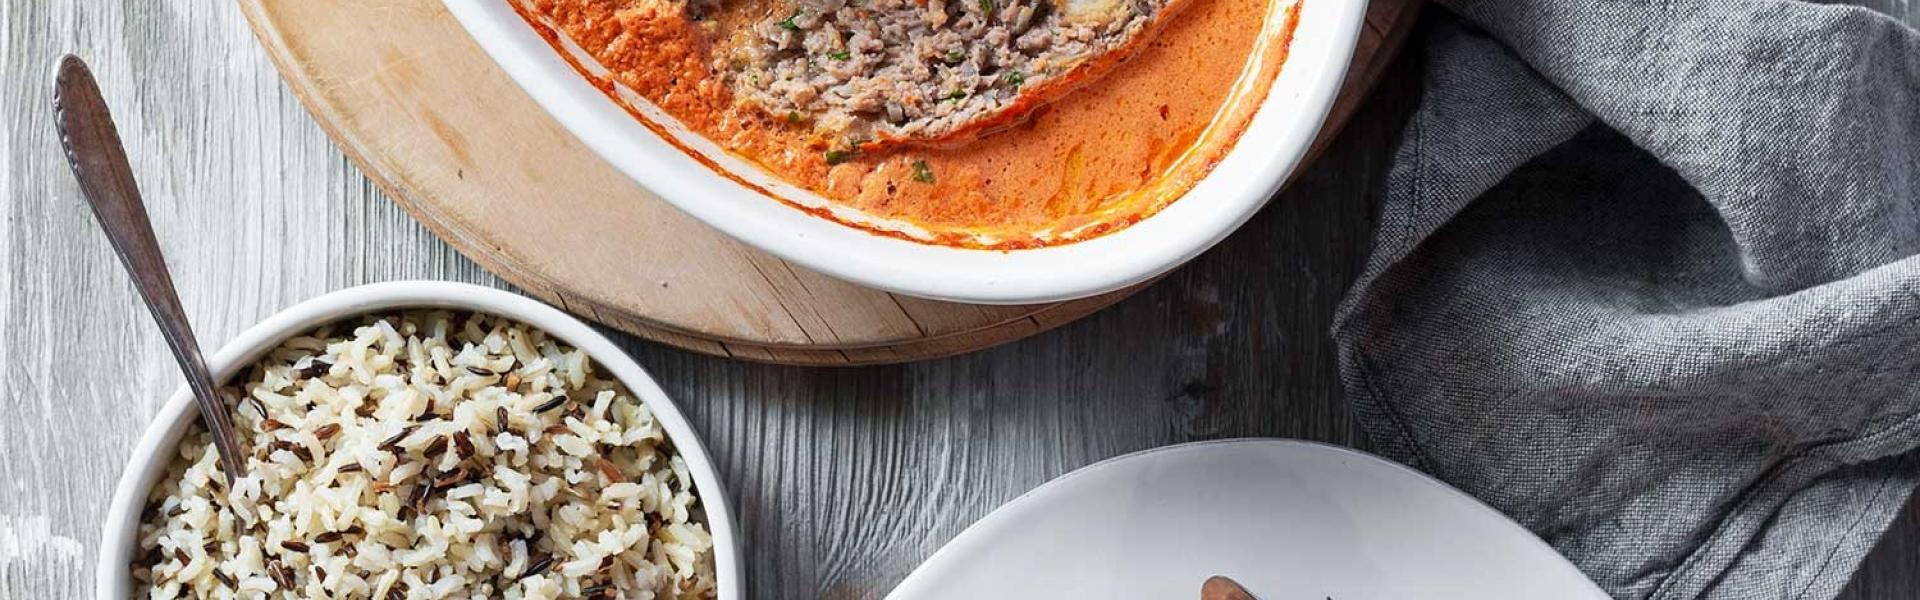 Hackbraten mit Soße in einer Auflaufform und auf einem Teller mit Reis.